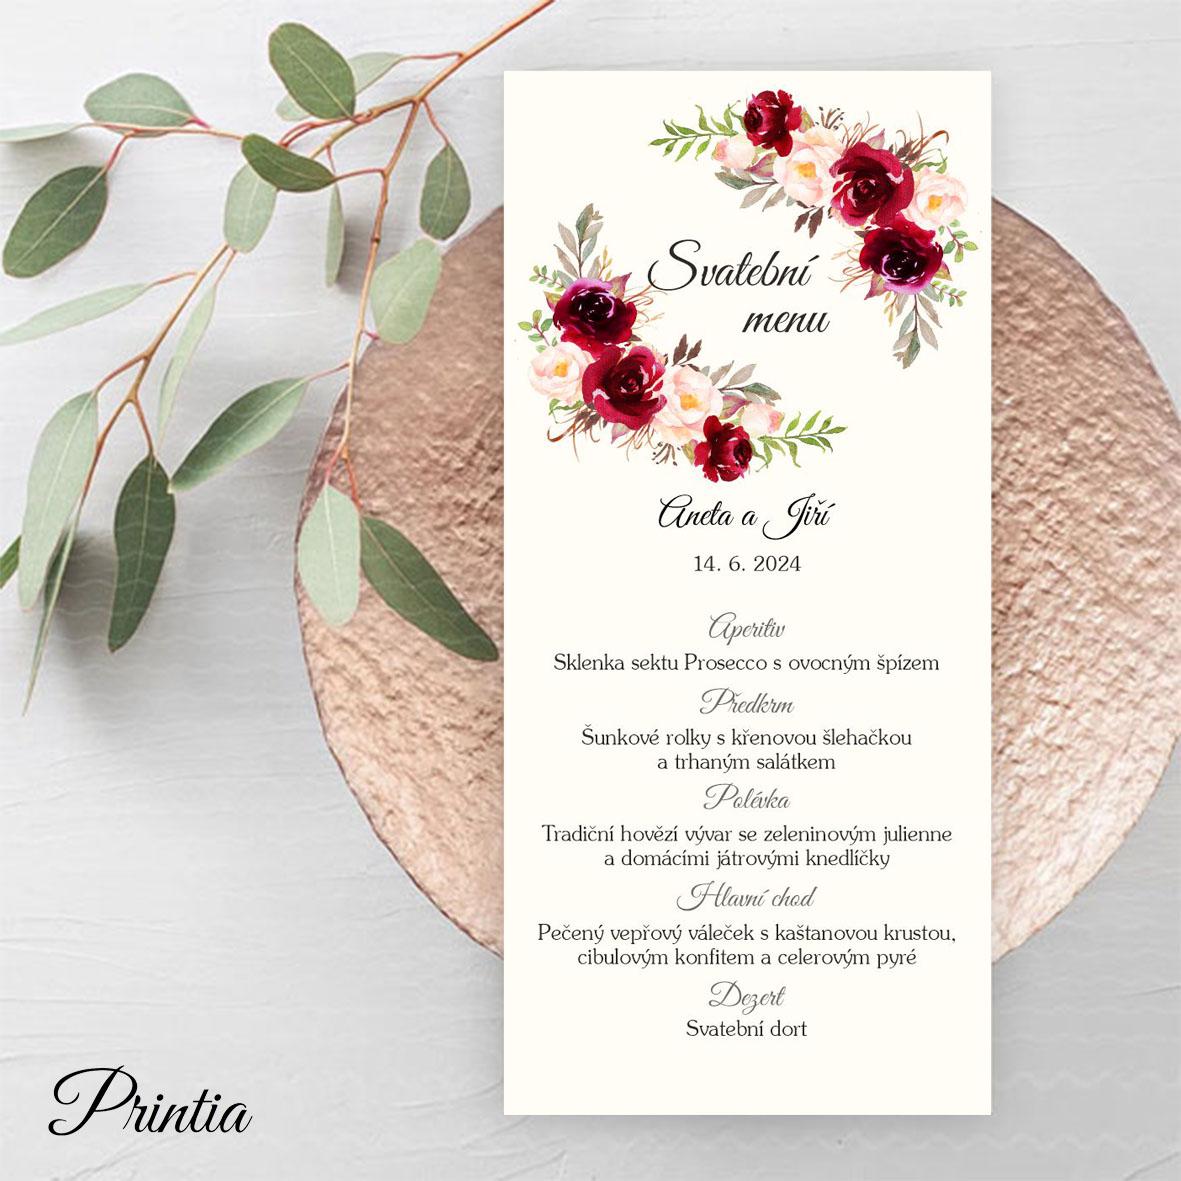 Svatební menu s bordó květy